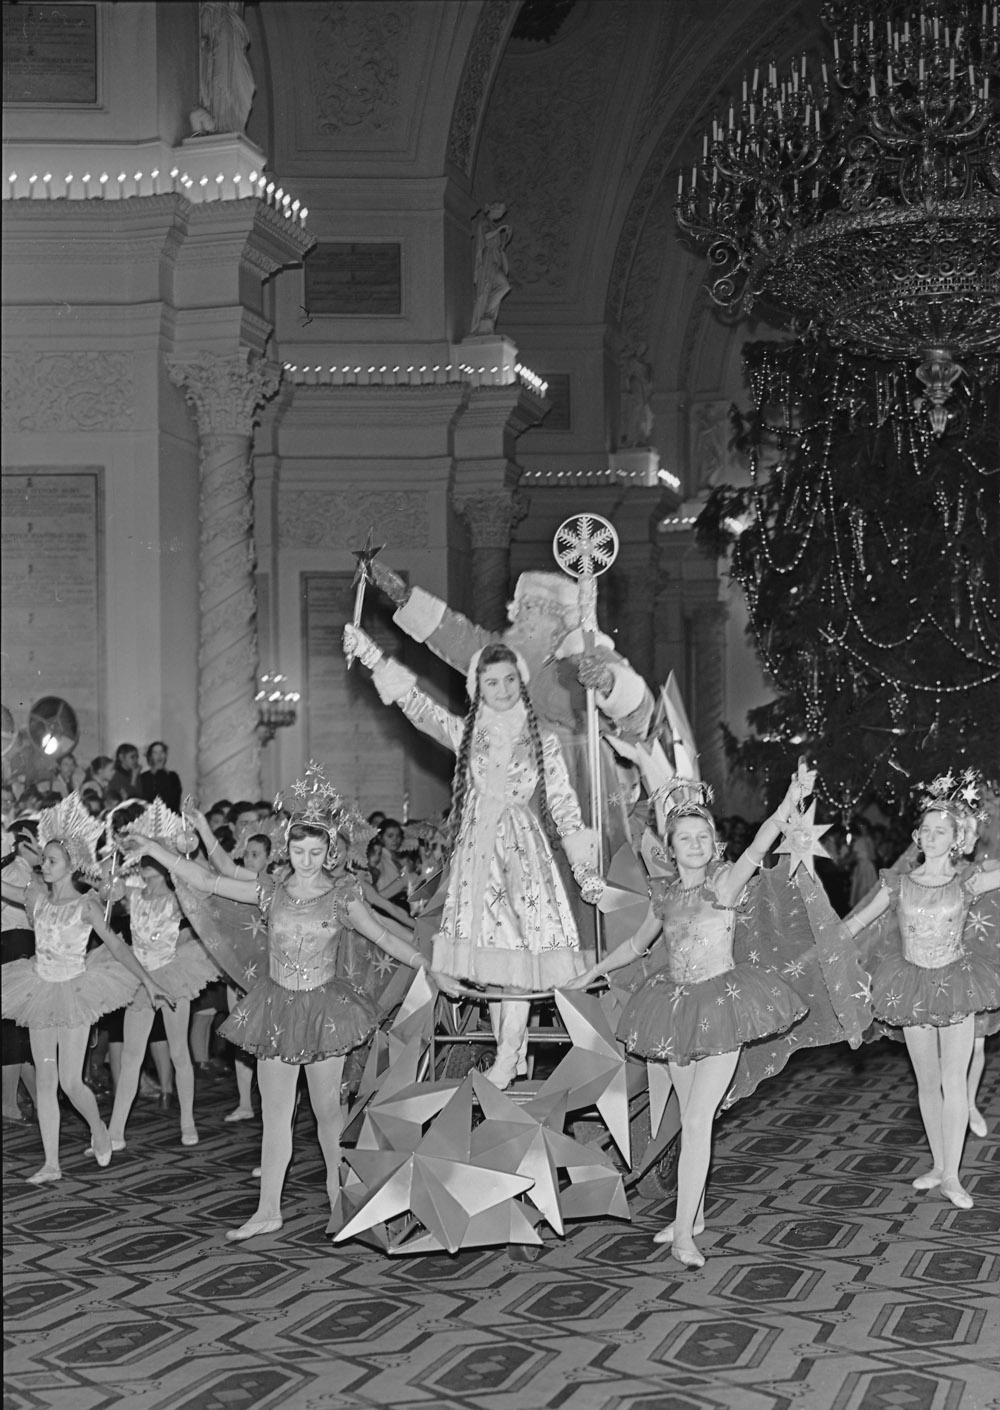 1958. Дед Мороз и Снегурочка приветствуют школьников на ёлке в Большом Кремлёвском дворце. Автор Н. Максимов.